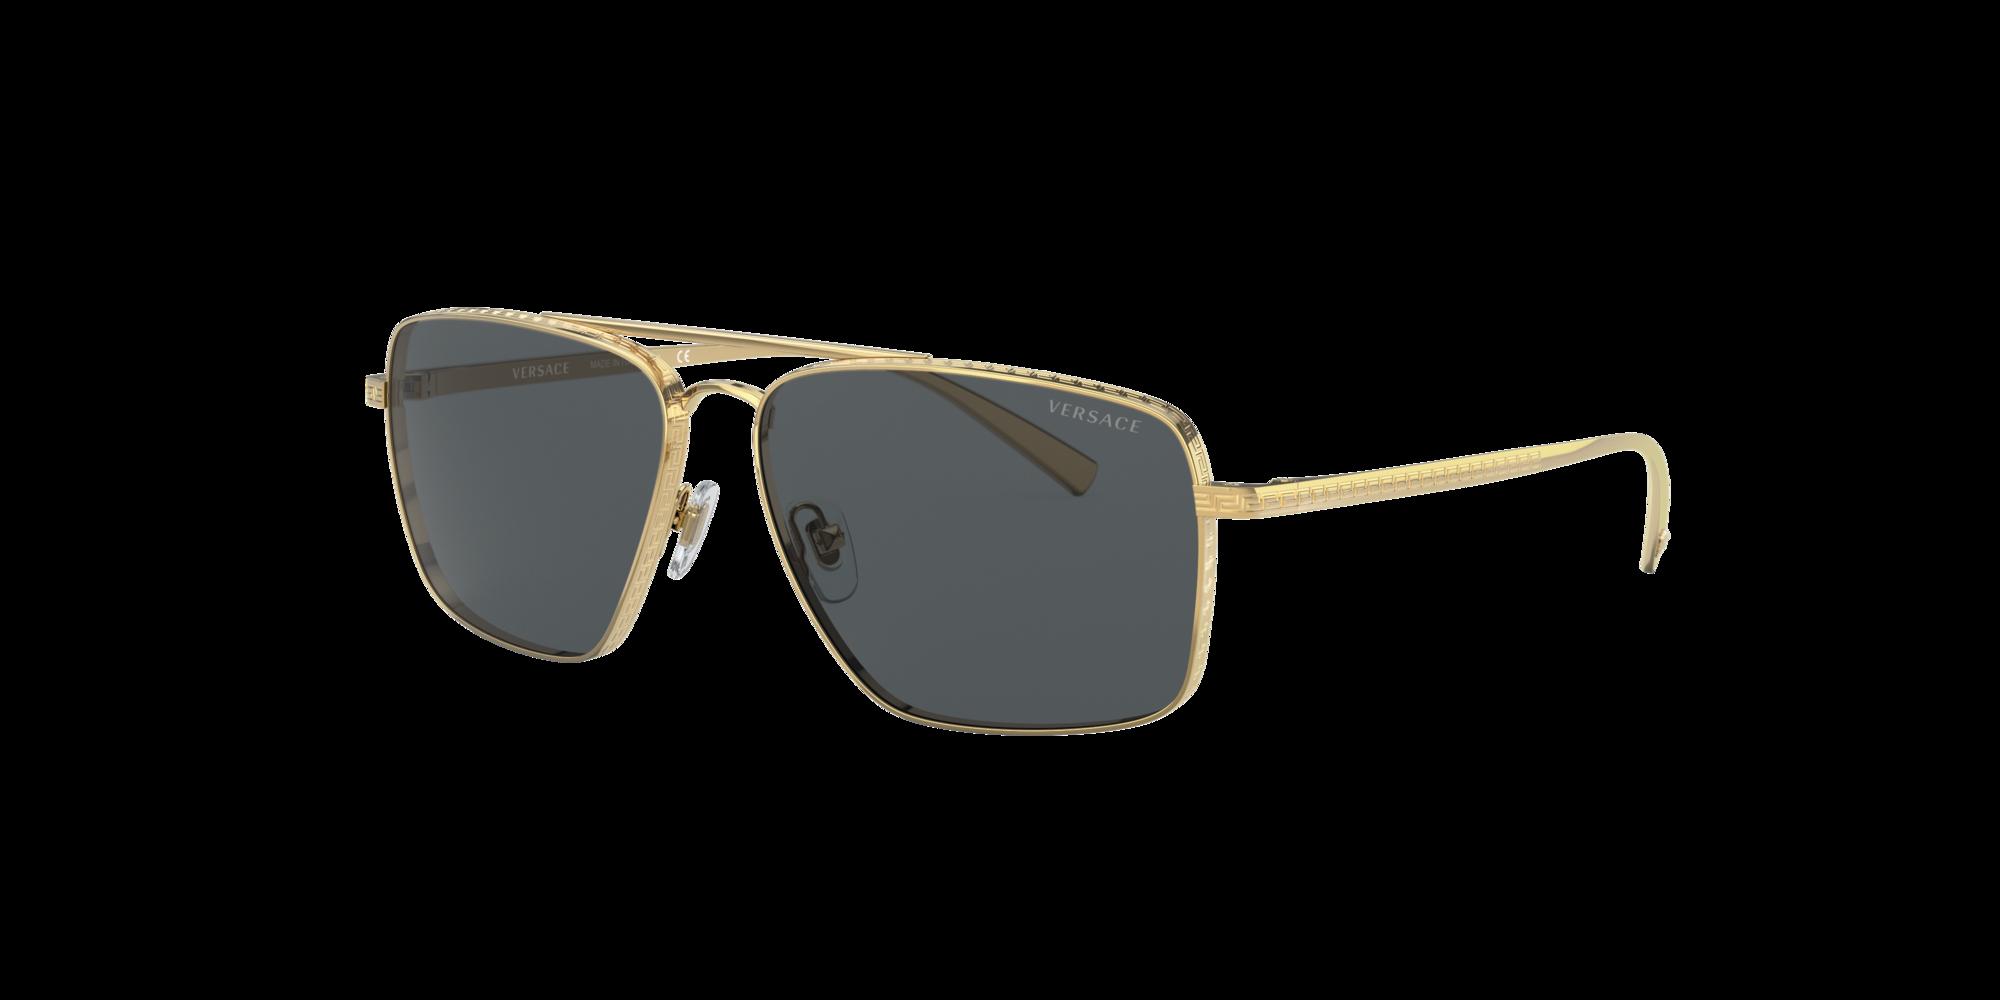 Versace Unisex  VE2216 -  Frame color: Oro, Lens color: Gris-Negro